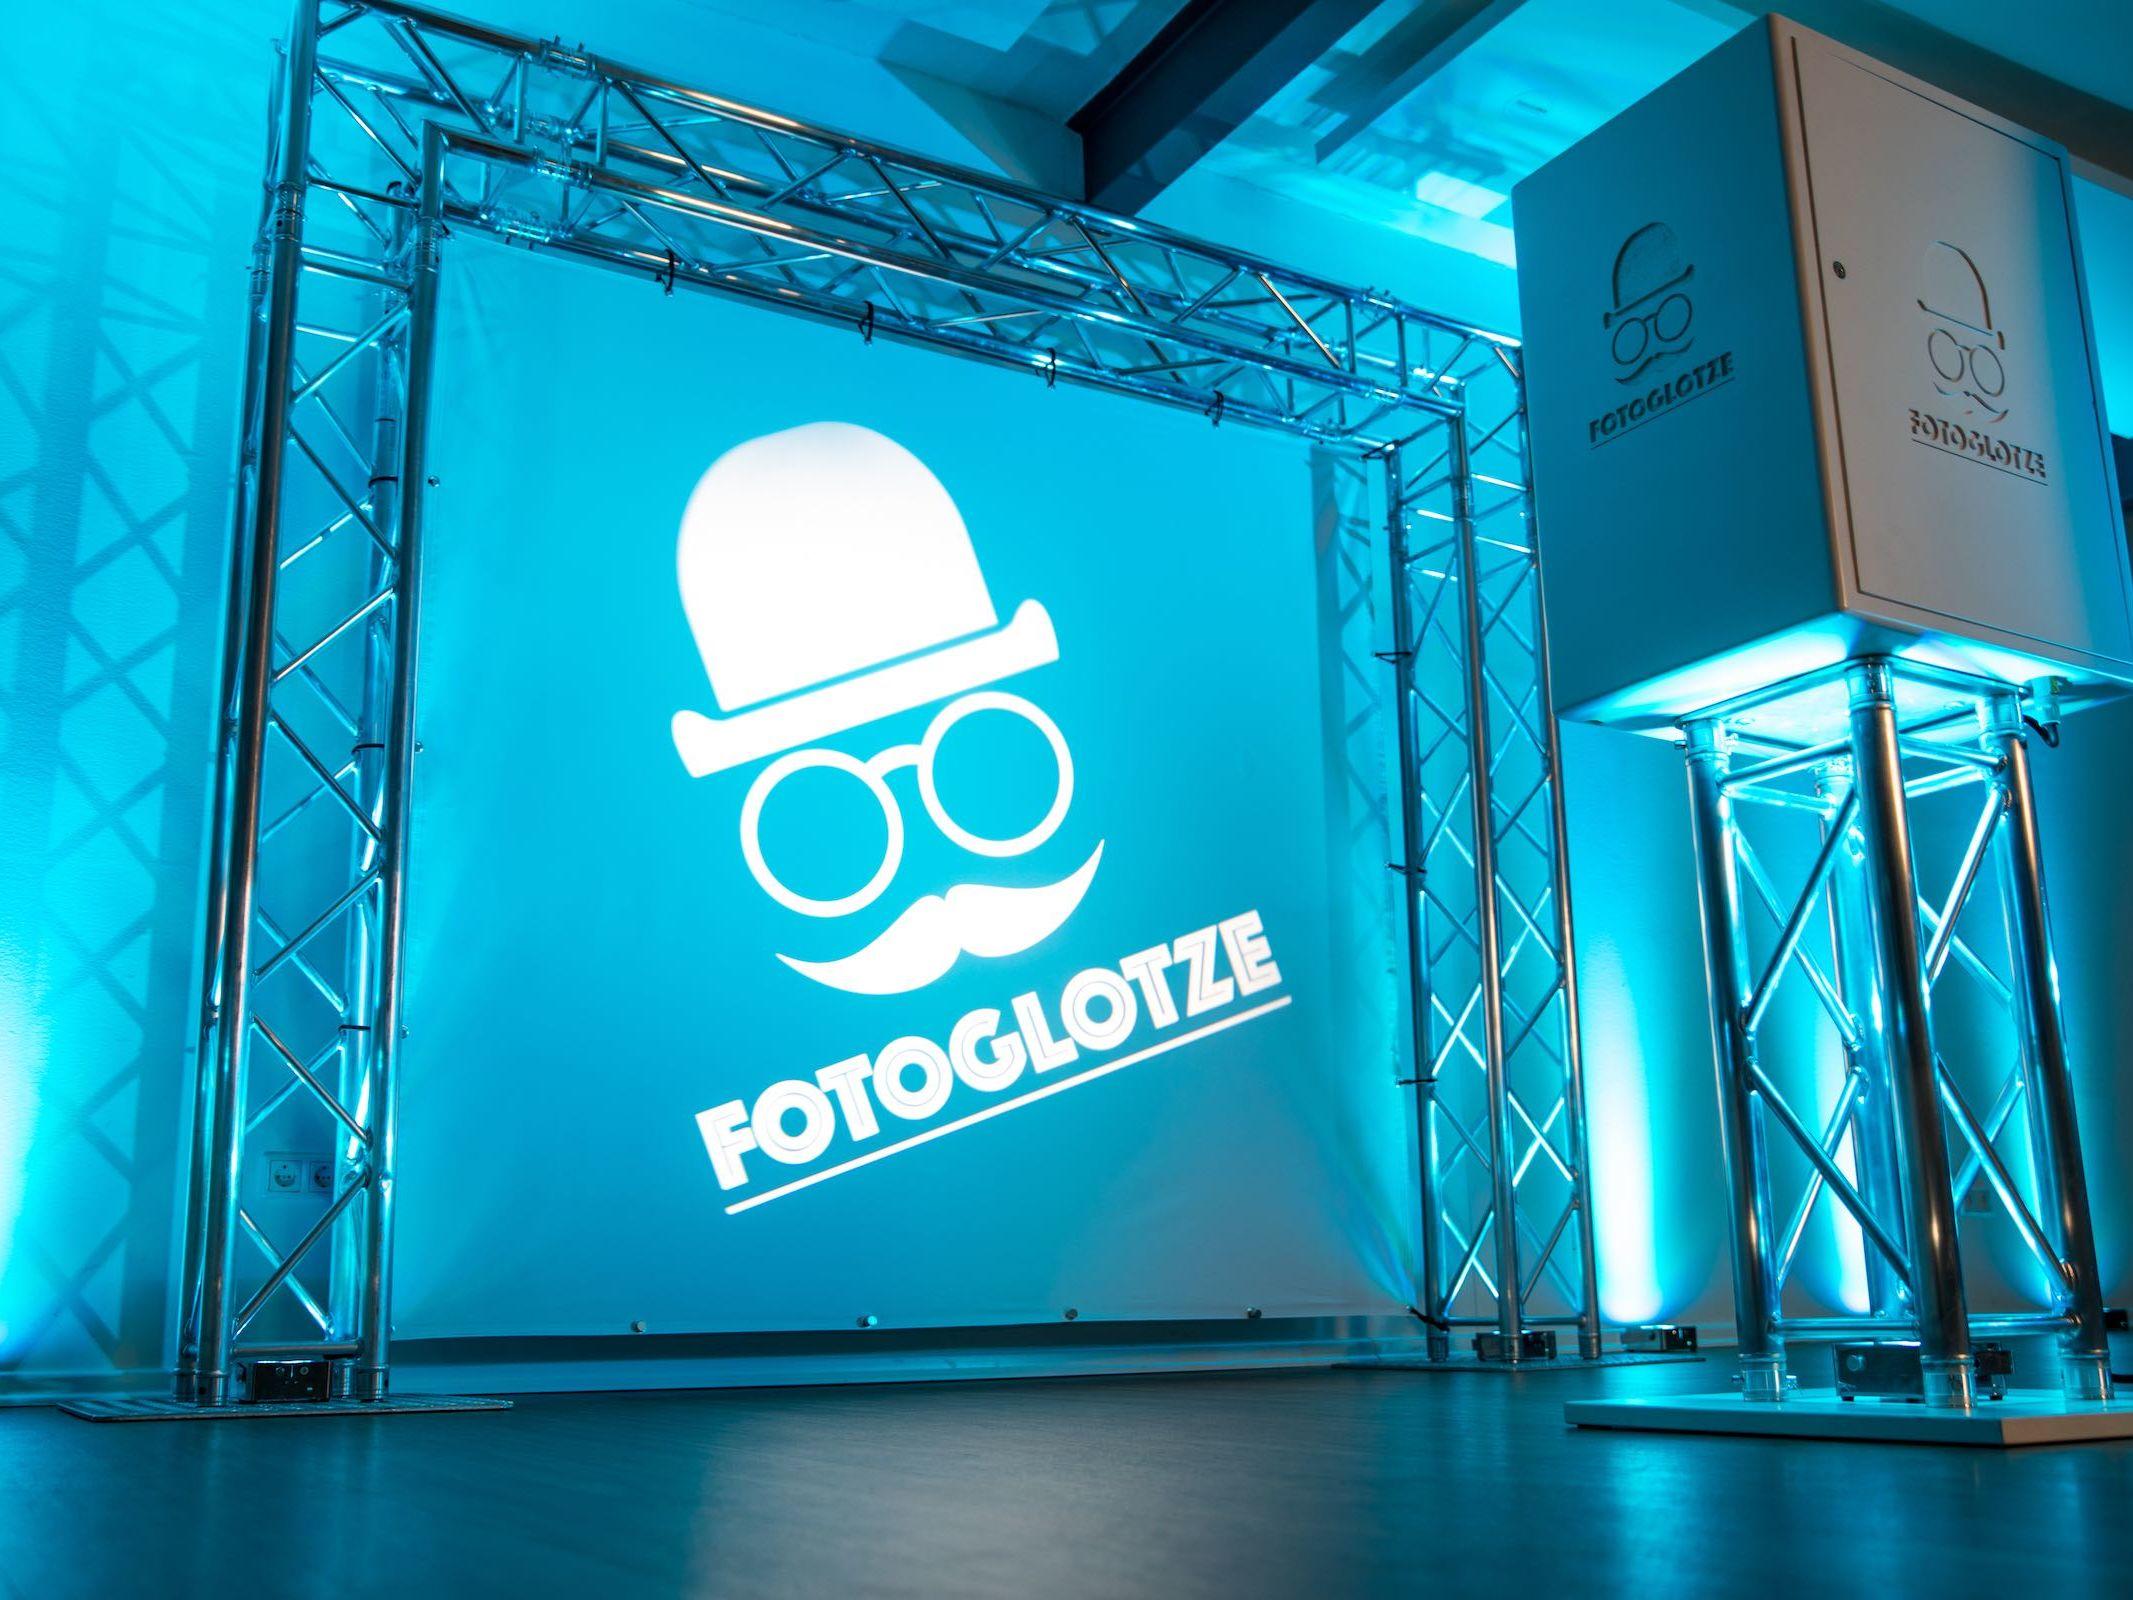 Fotobox | Hannover | Fotokiste | Hochzeit | Fotoautomat | Firmenfeier | Photobooth | Abiball | Fotoglotze | Buchen | Mieten | Anfragen | Lehmann | Eventservice | Hannover